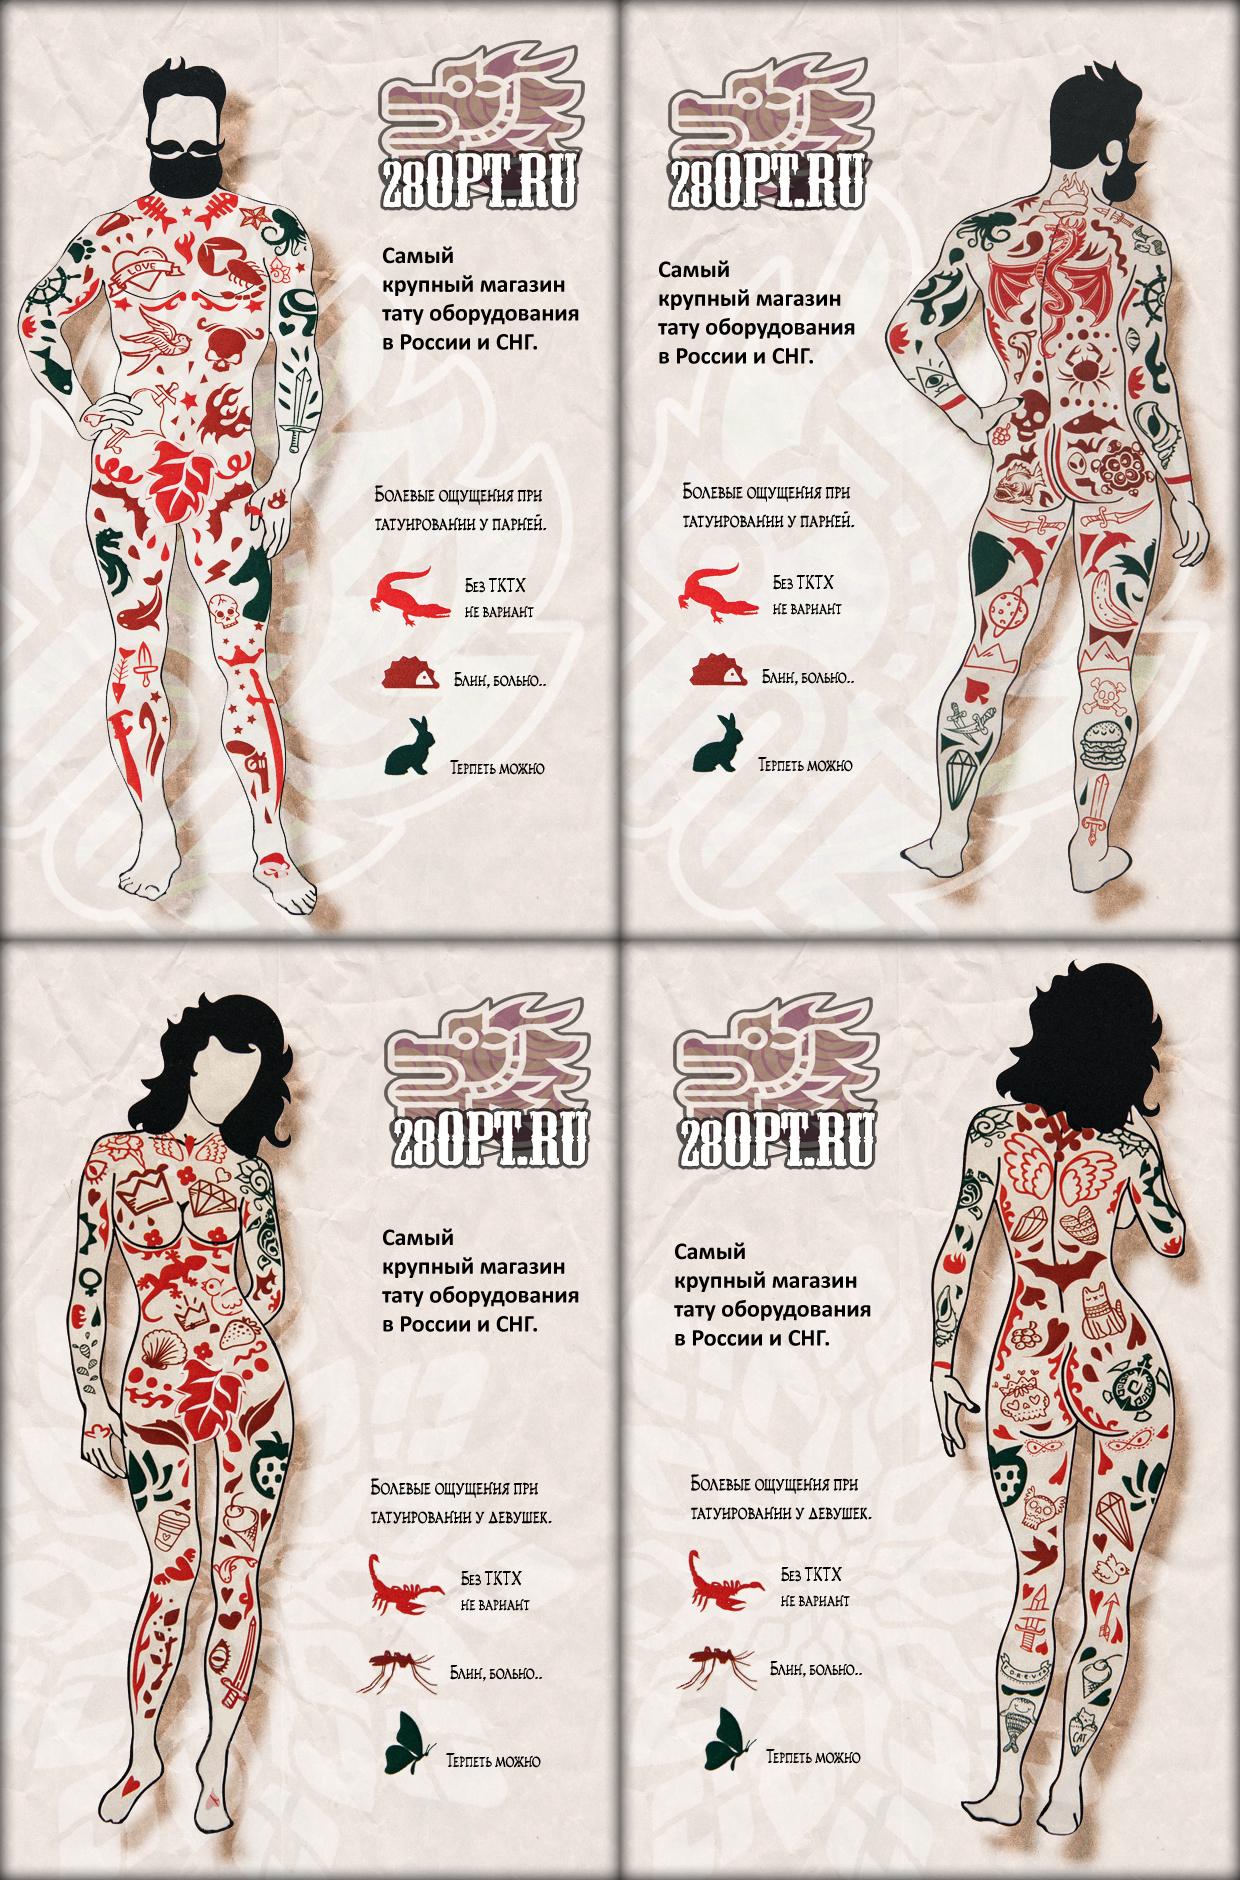 Редизайн стиля сувенирной продукции фото f_9655a576b11f36dd.jpg